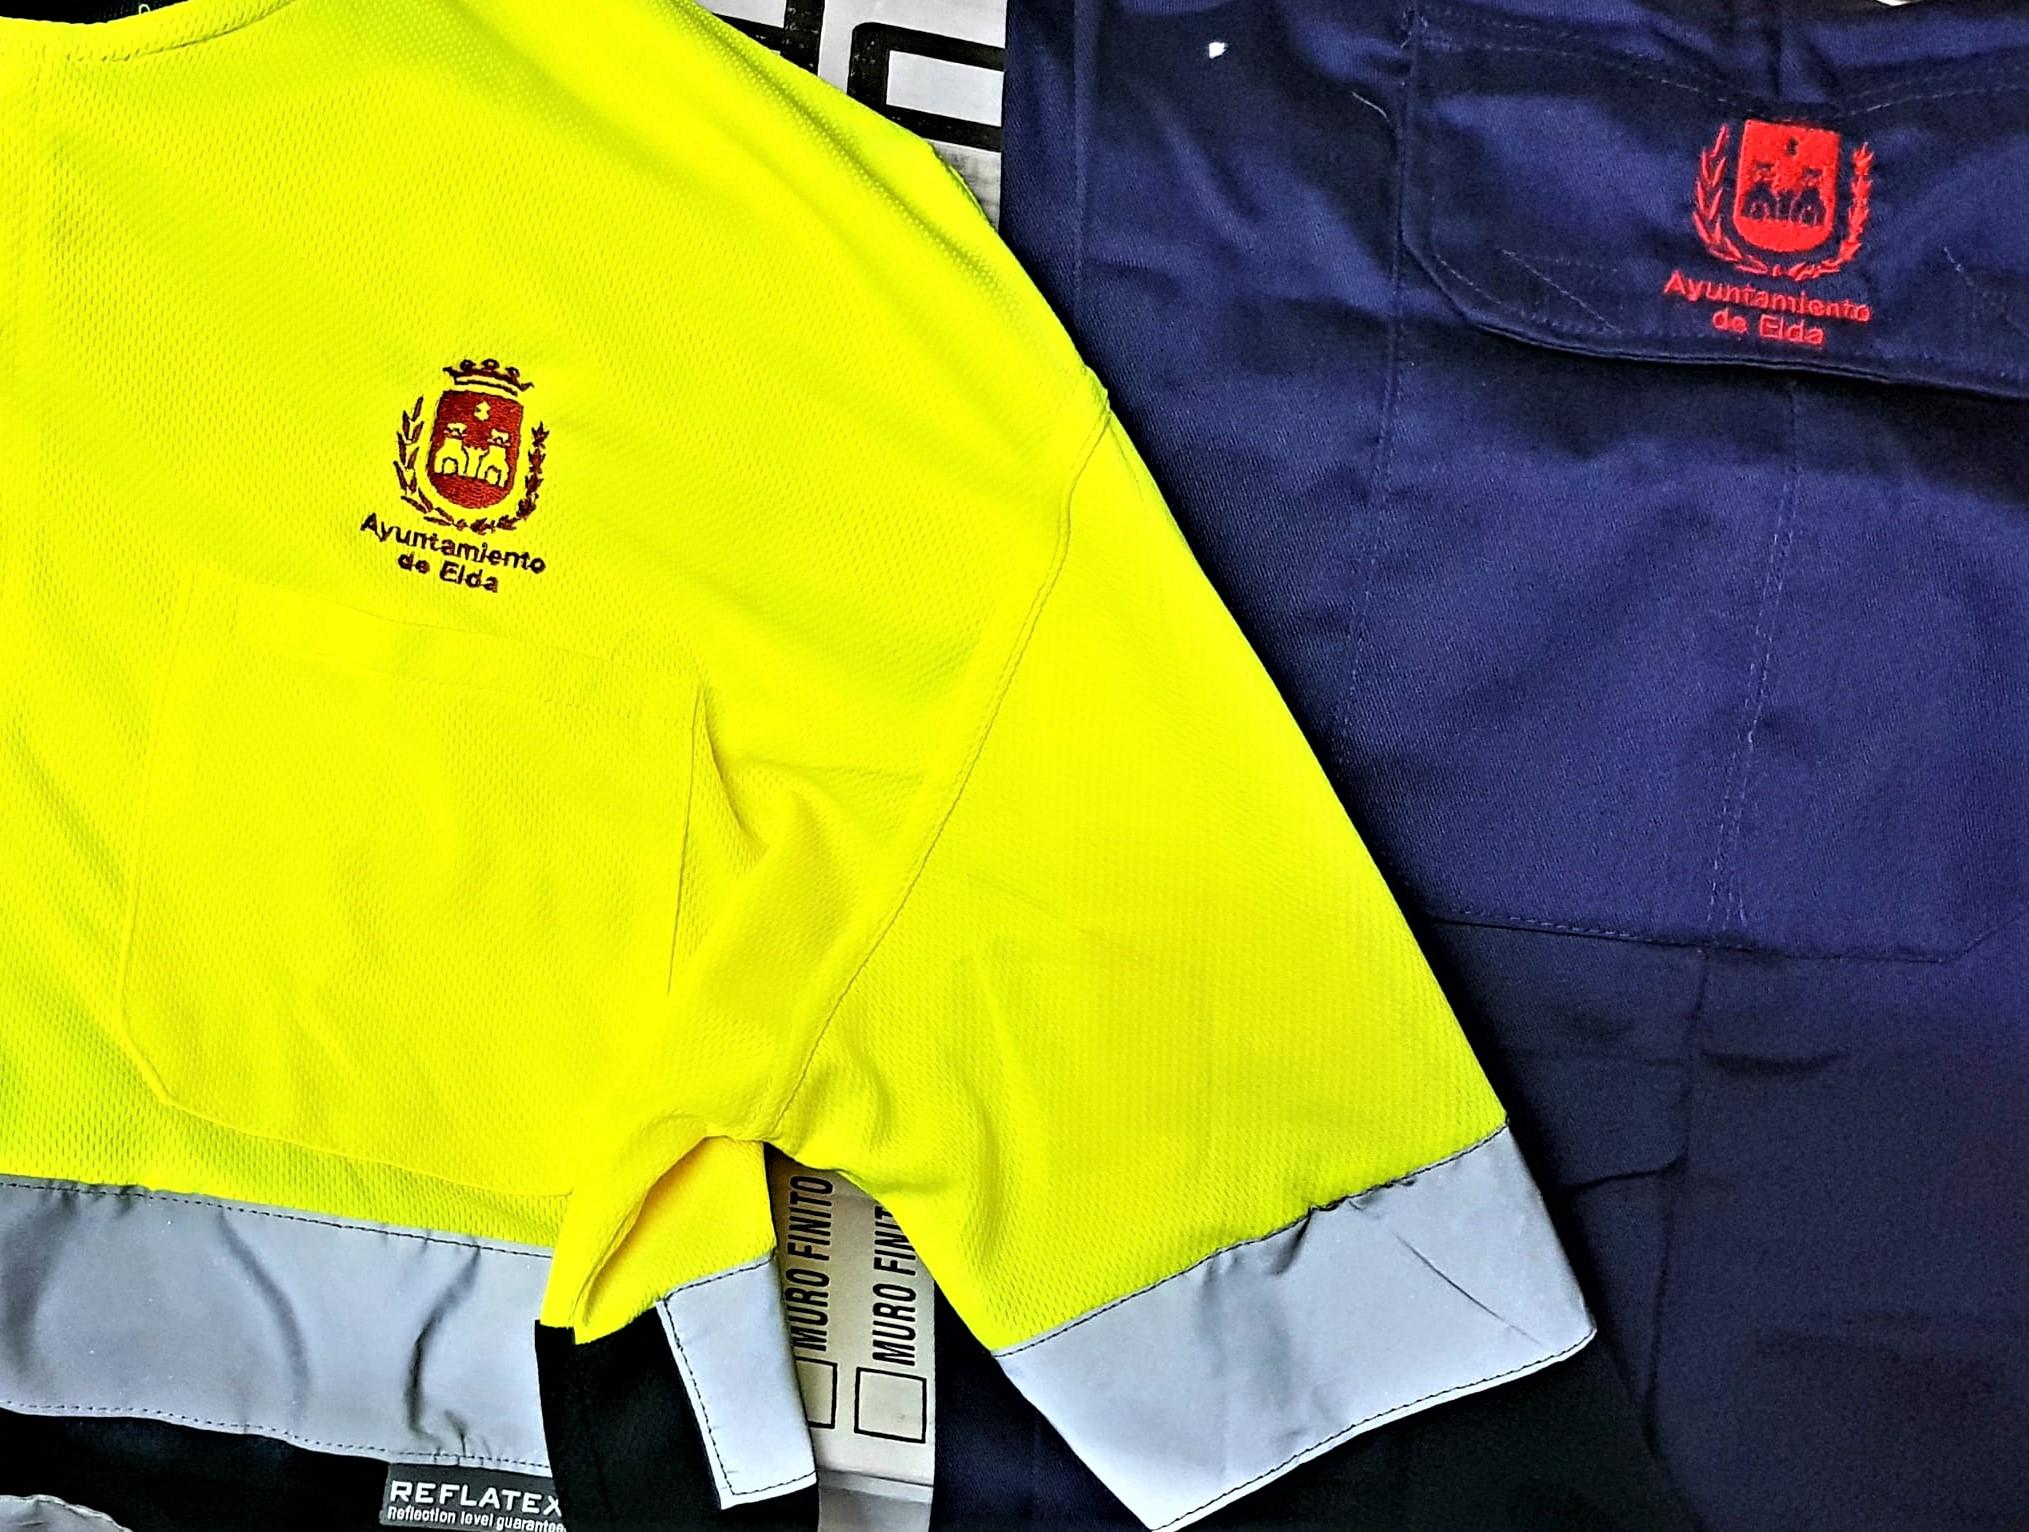 El Ayuntamiento de Elda adjudica a una empresa local el suministro del vestuario laboral de la plantilla municipal